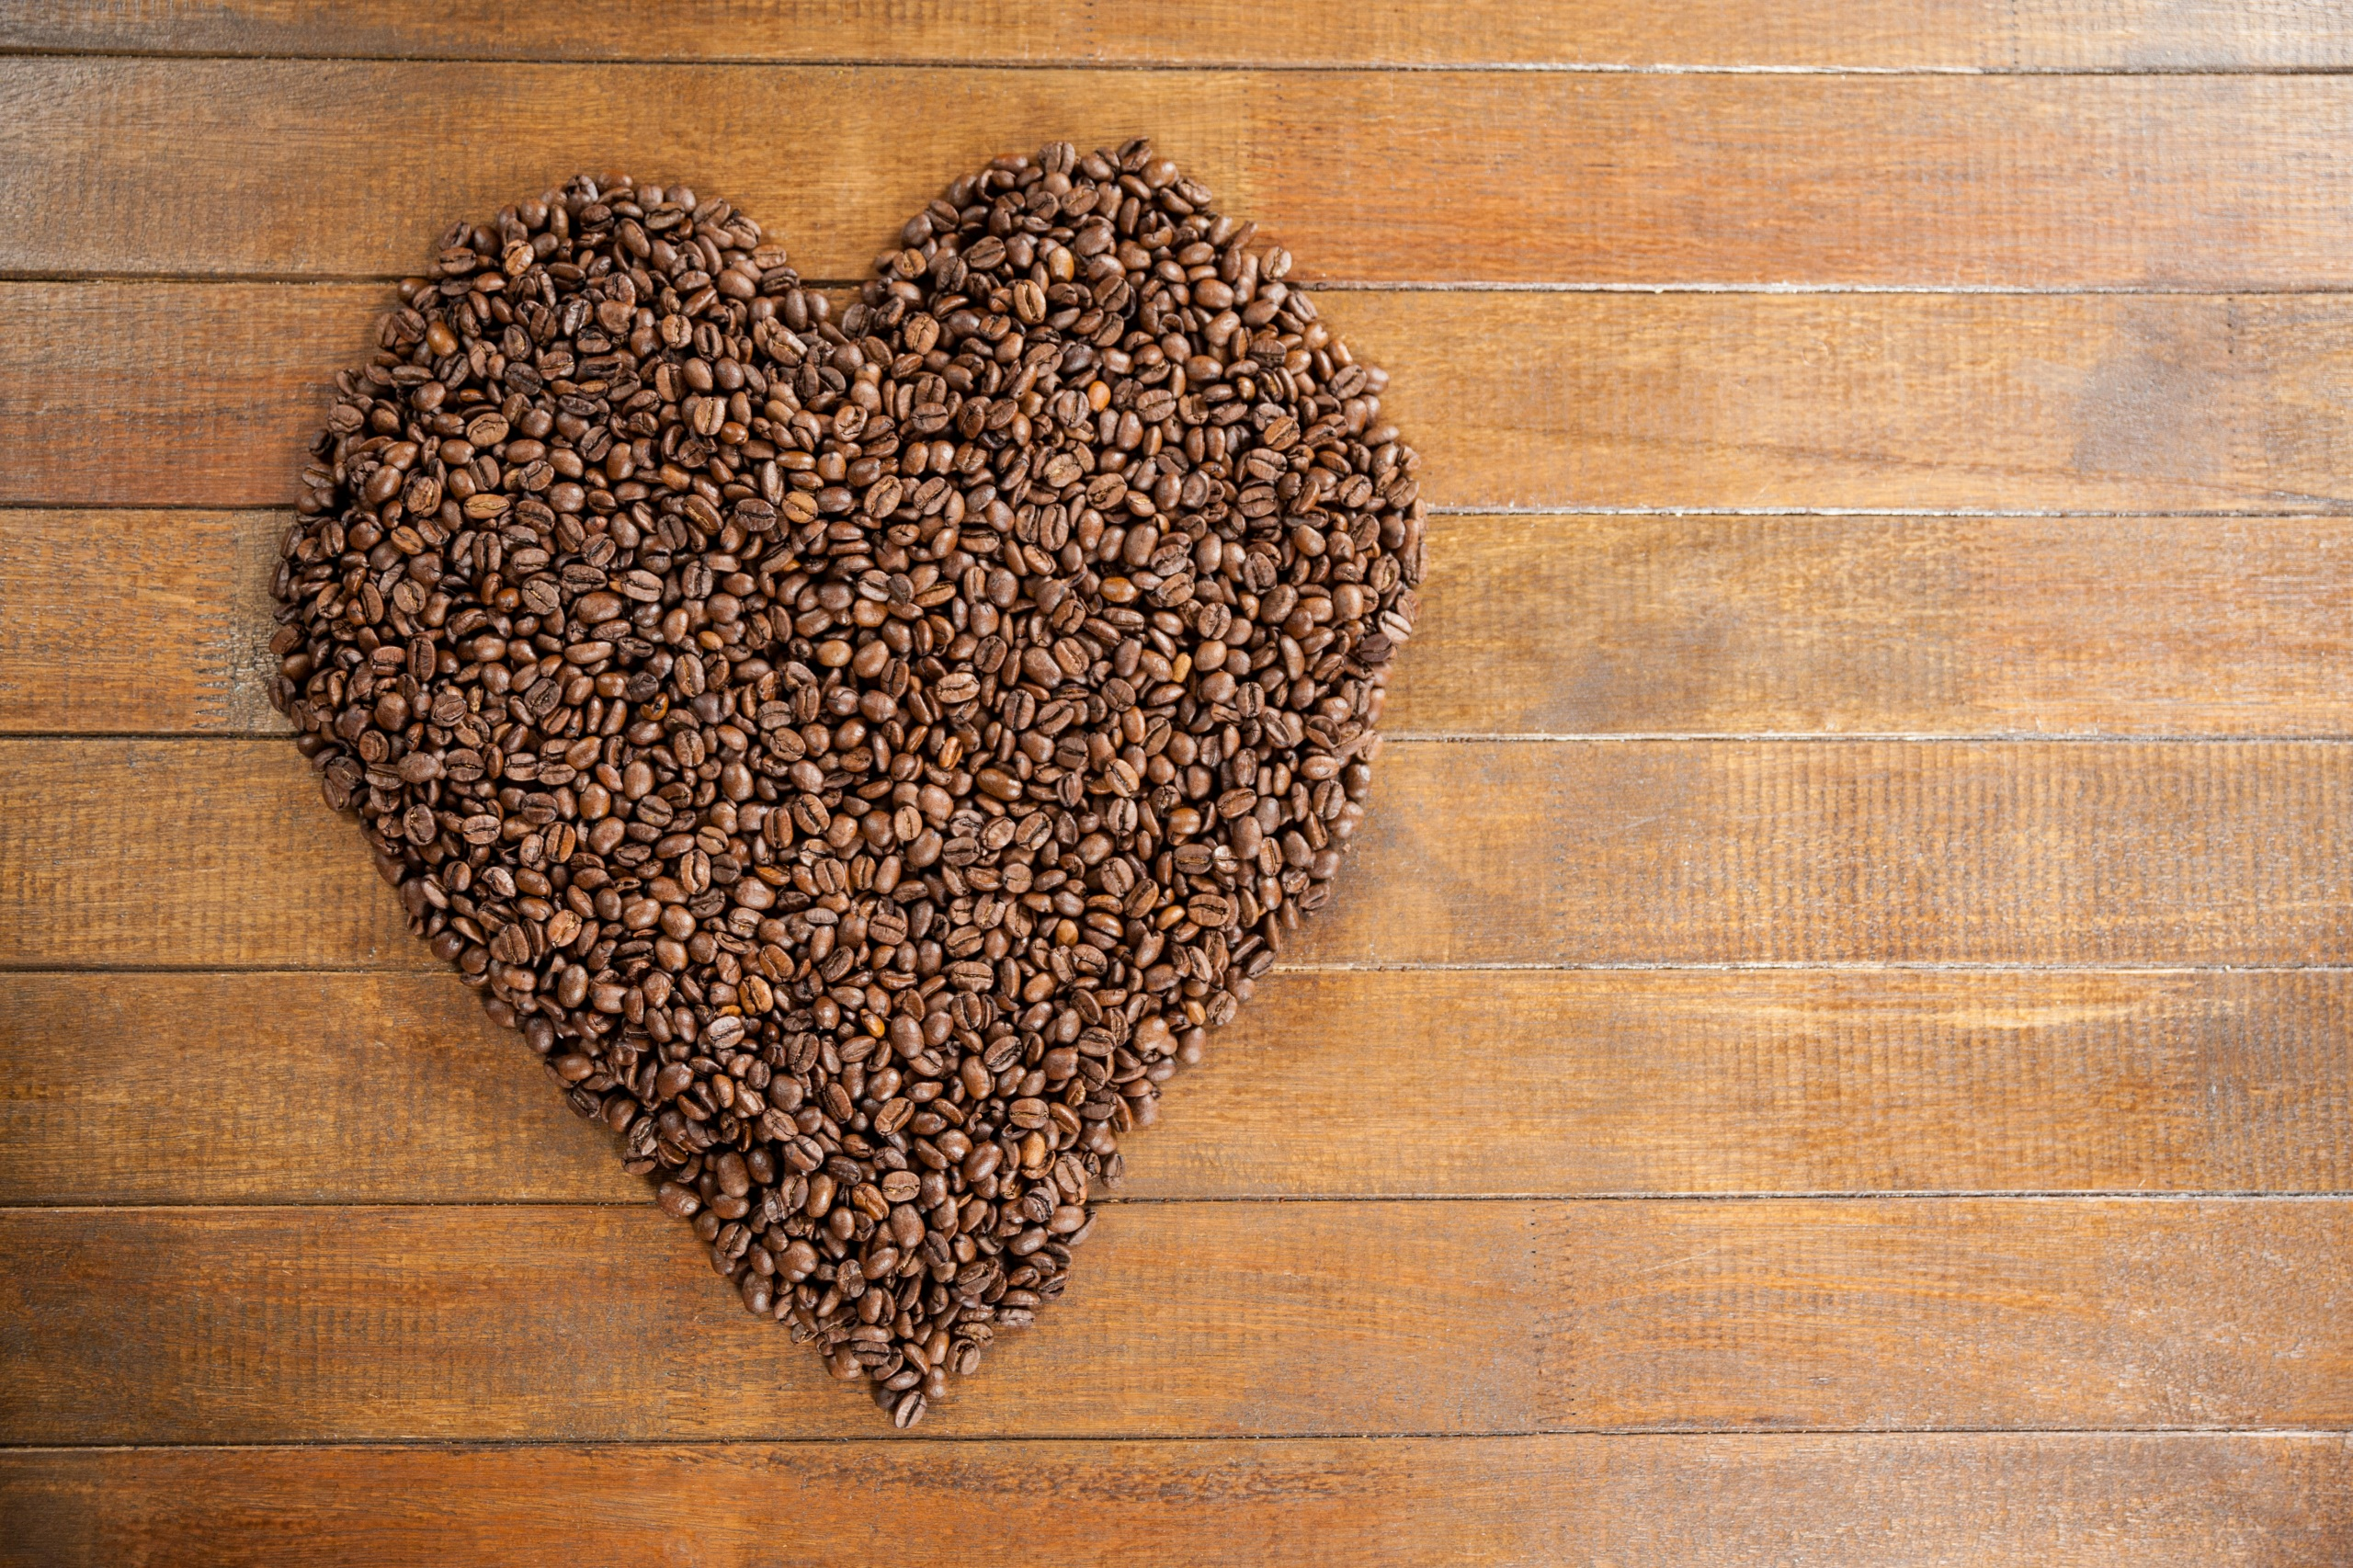 Fotos von Valentinstag Herz Kaffee Getreide das Essen Bretter 2560x1706 Lebensmittel